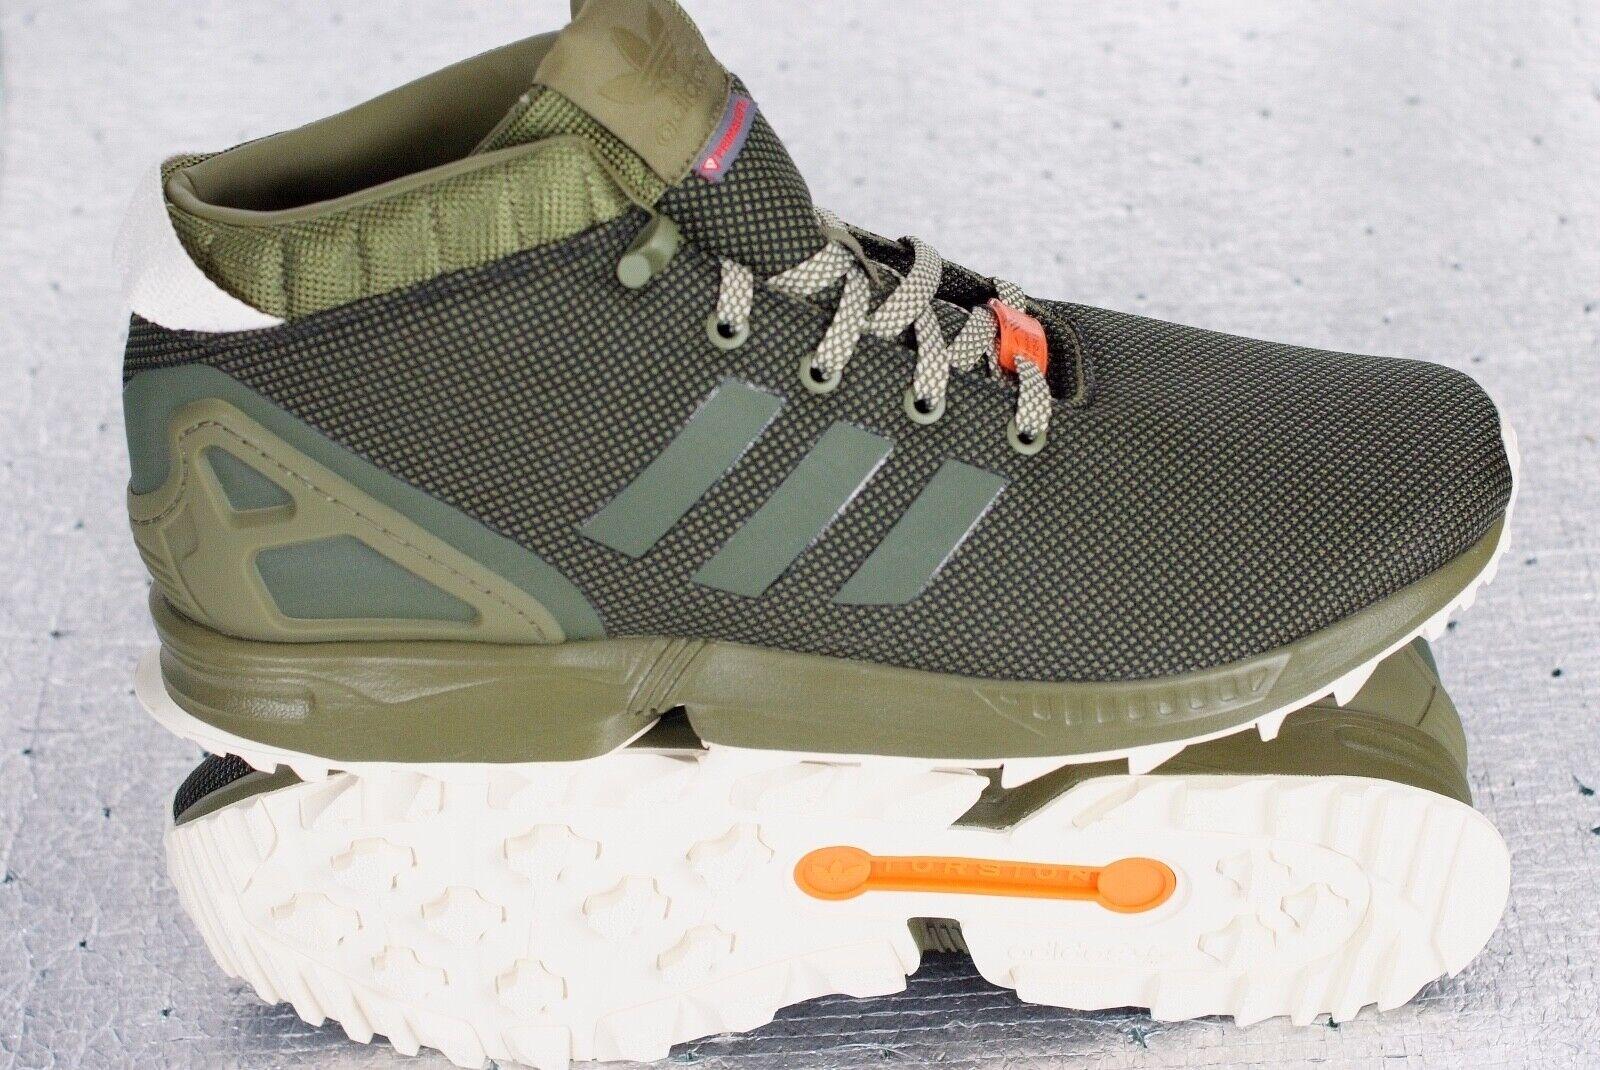 ألكسندر جراهام بيل بكفاءة الانحراف Adidas Originals Zx Flux 5 8 Tr Dsvdedommel Com